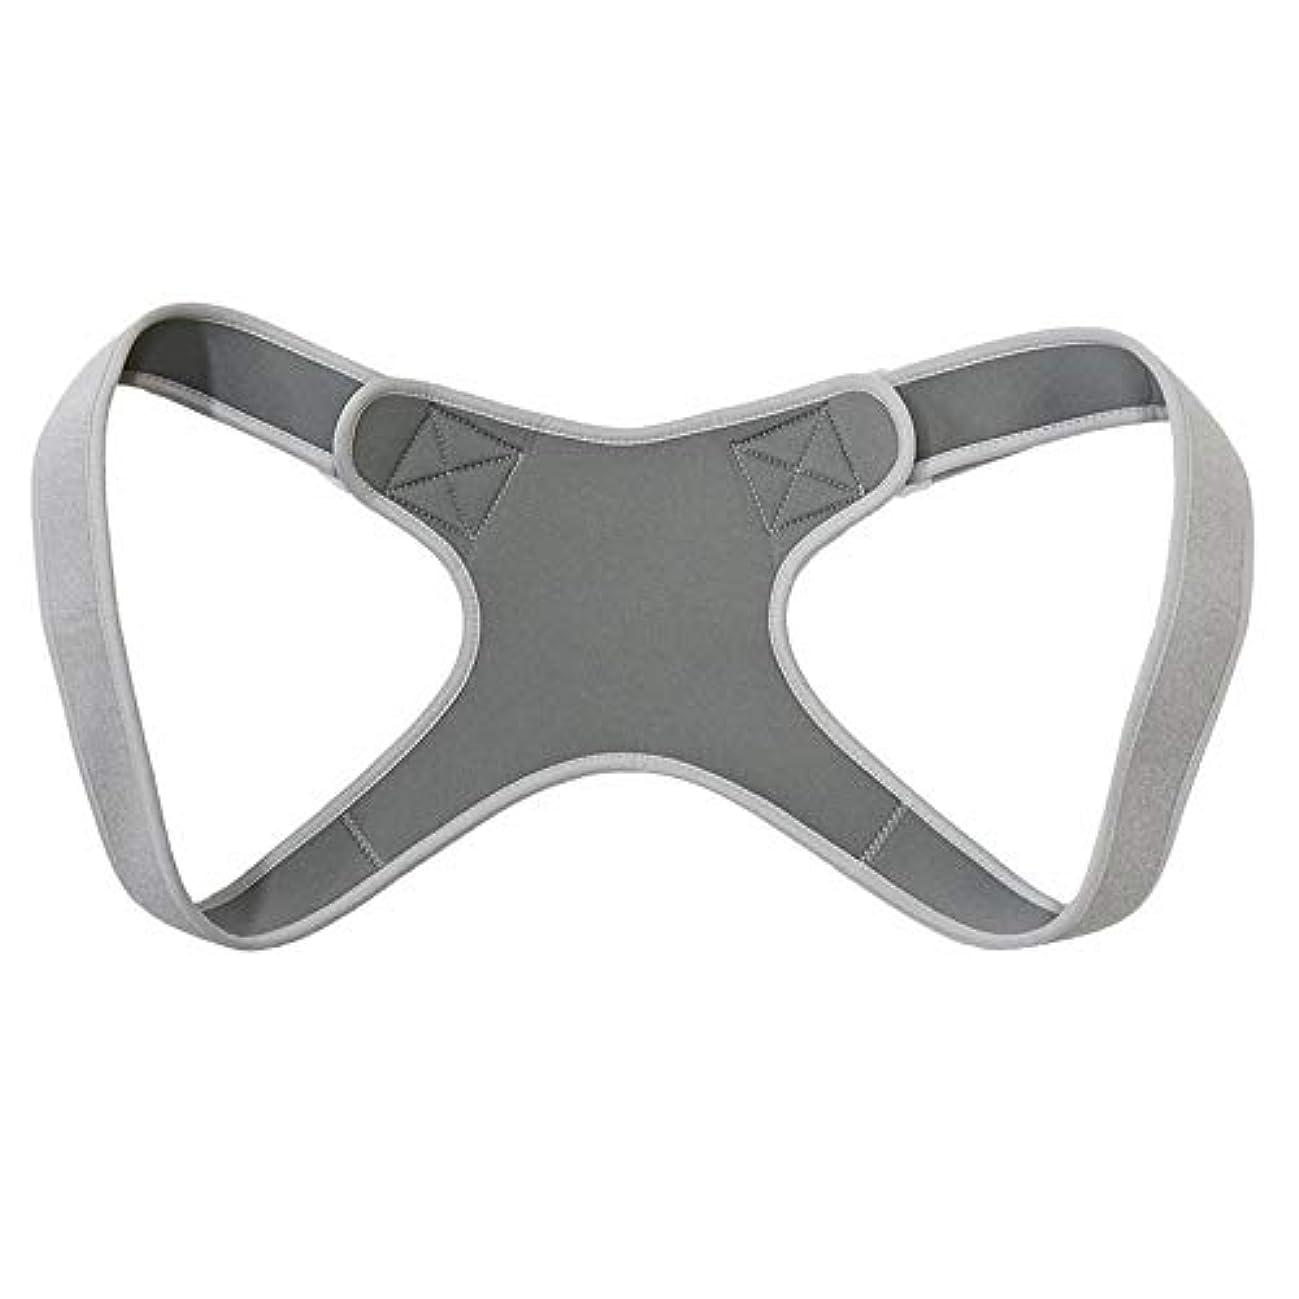 パステル疑いの量新しいアッパーバックポスチャーコレクター姿勢鎖骨サポートコレクターバックストレートショルダーブレースストラップコレクター - グレー